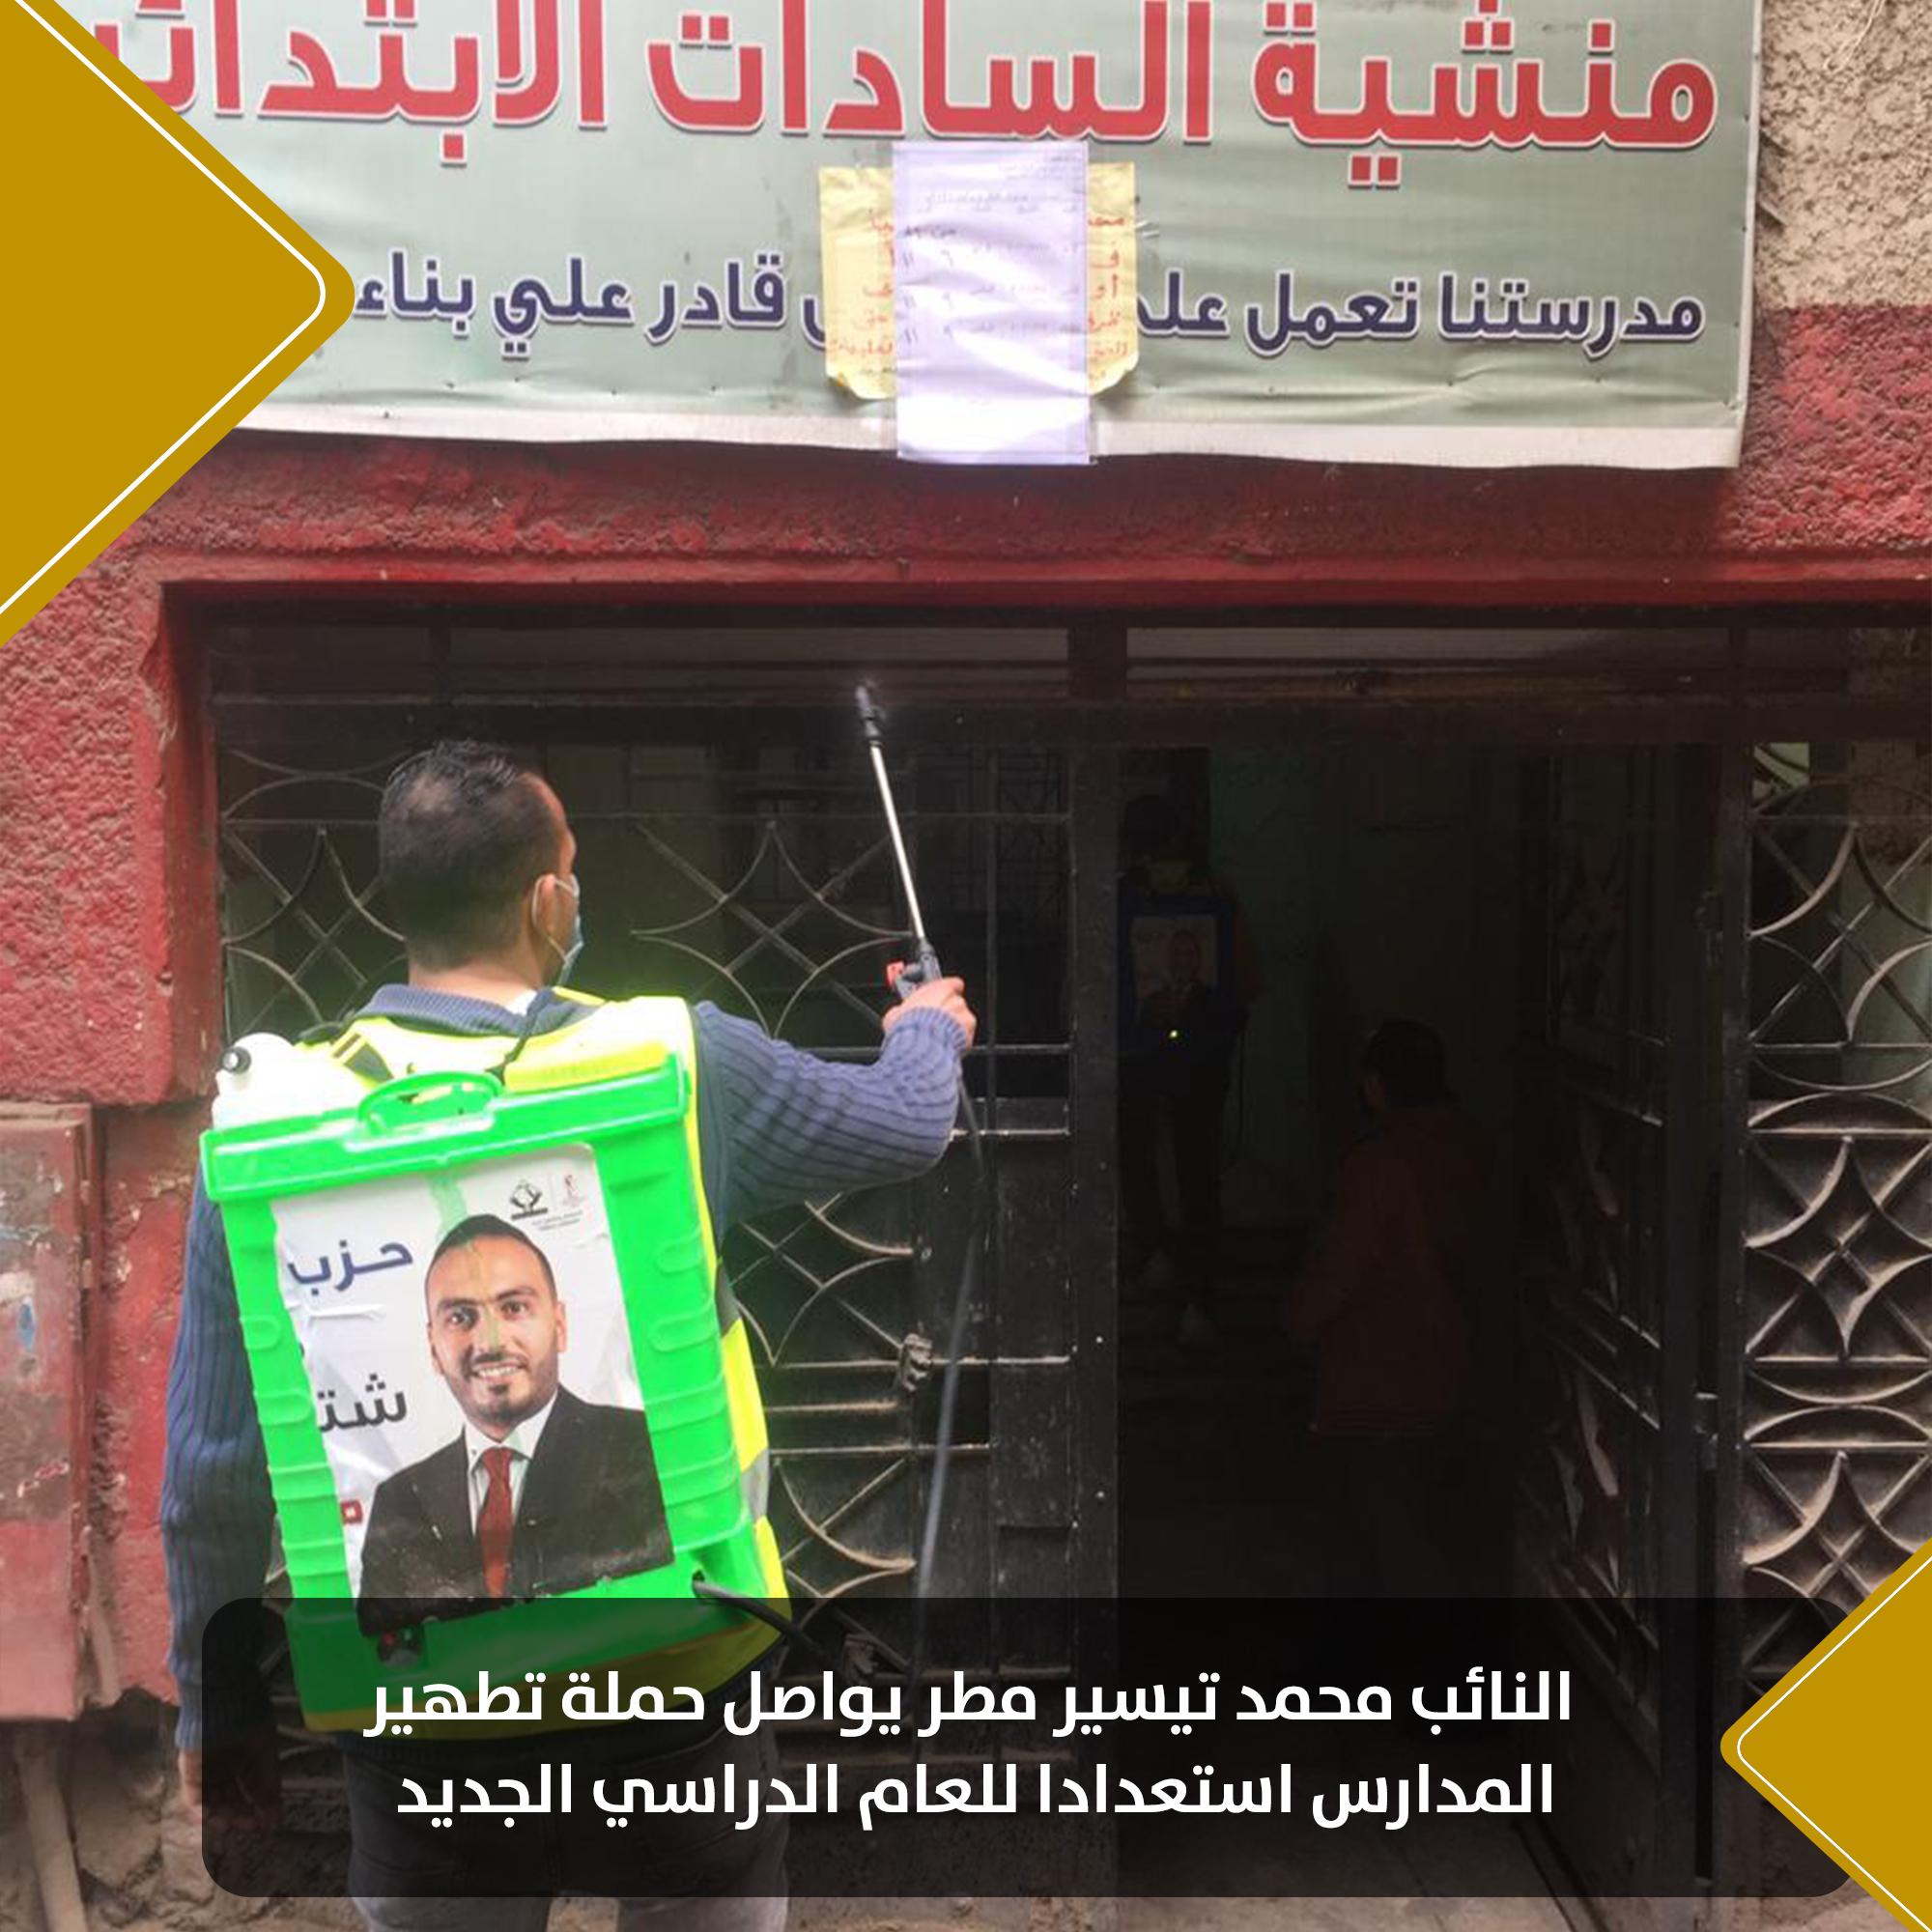 النائب محمد تيسير مطر يواصل حملة تطهير المدارسس (8)